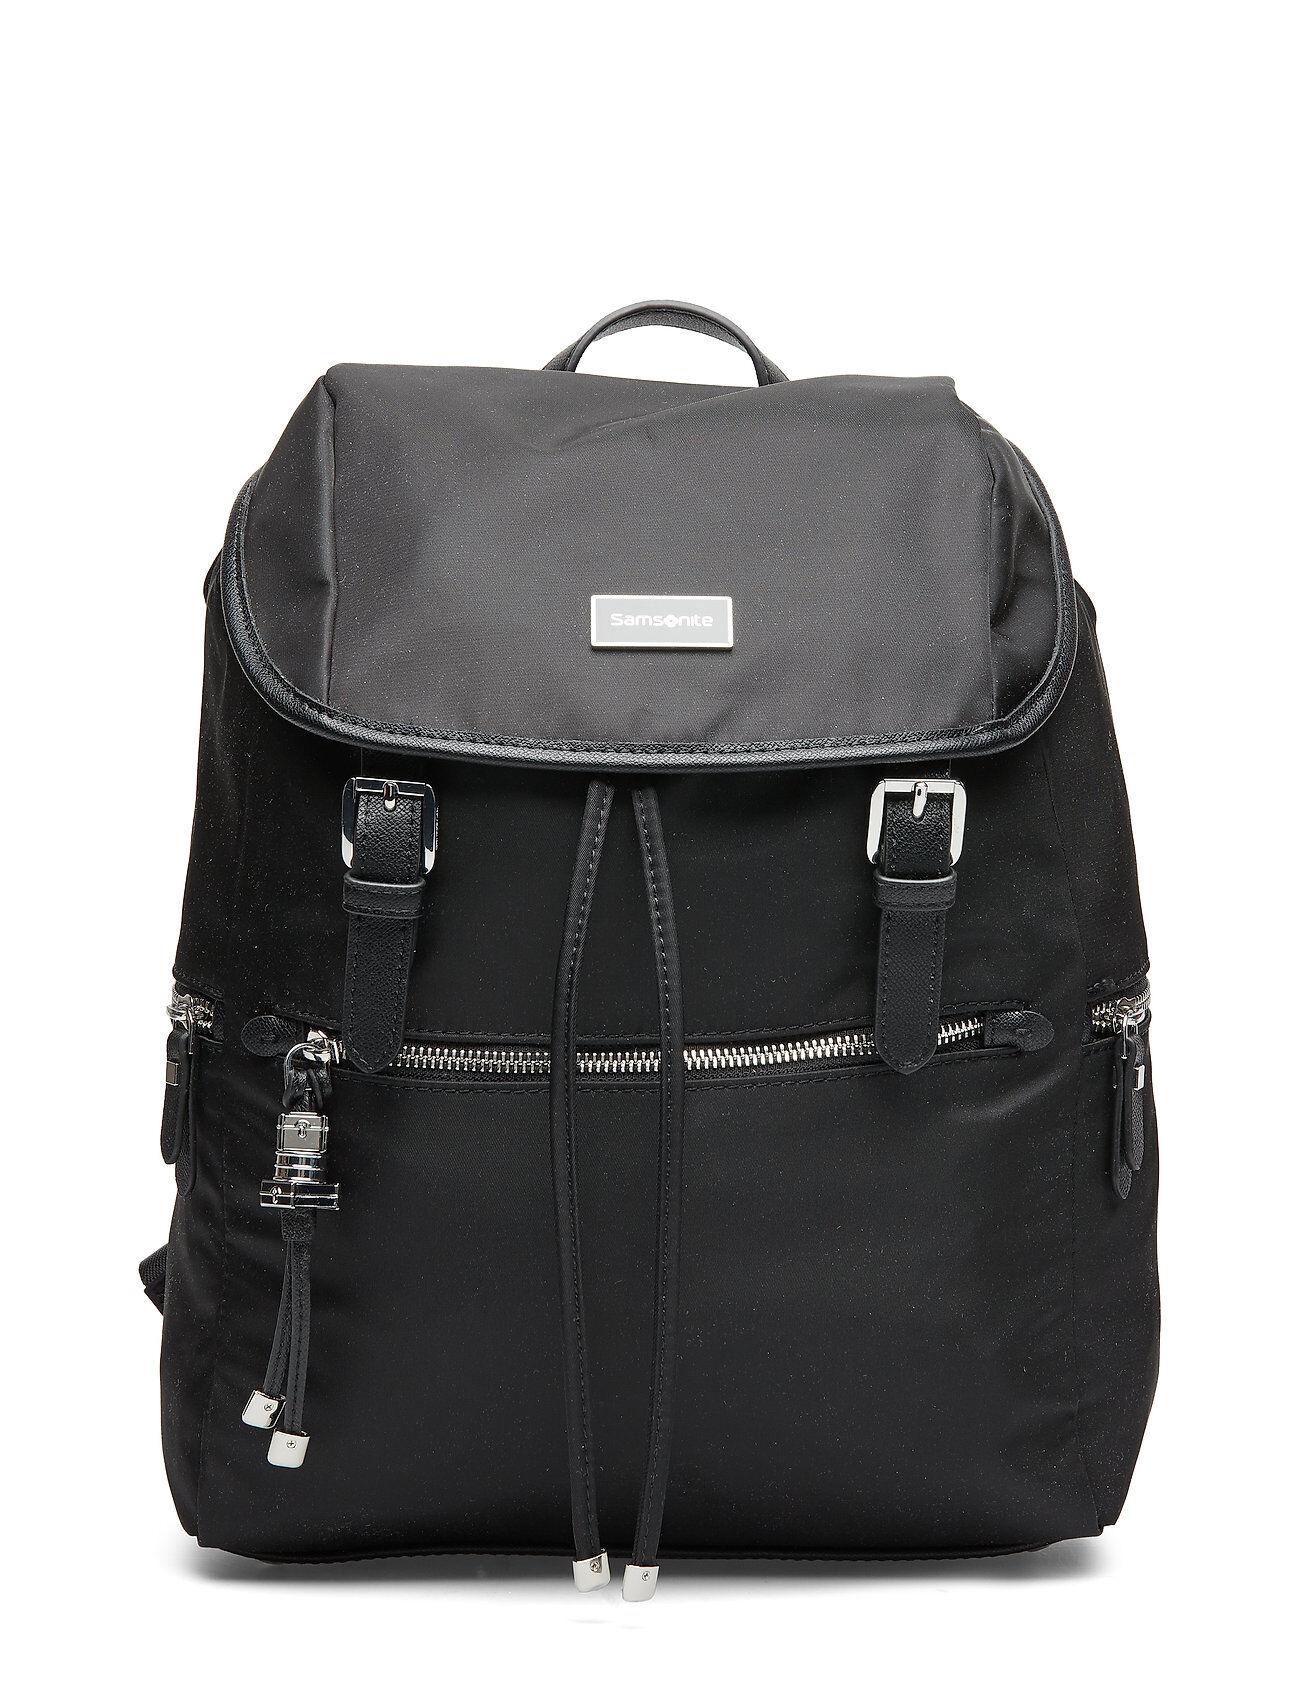 Samsonite Karissa Biz Backpack 14.1 Reppu Laukku Musta